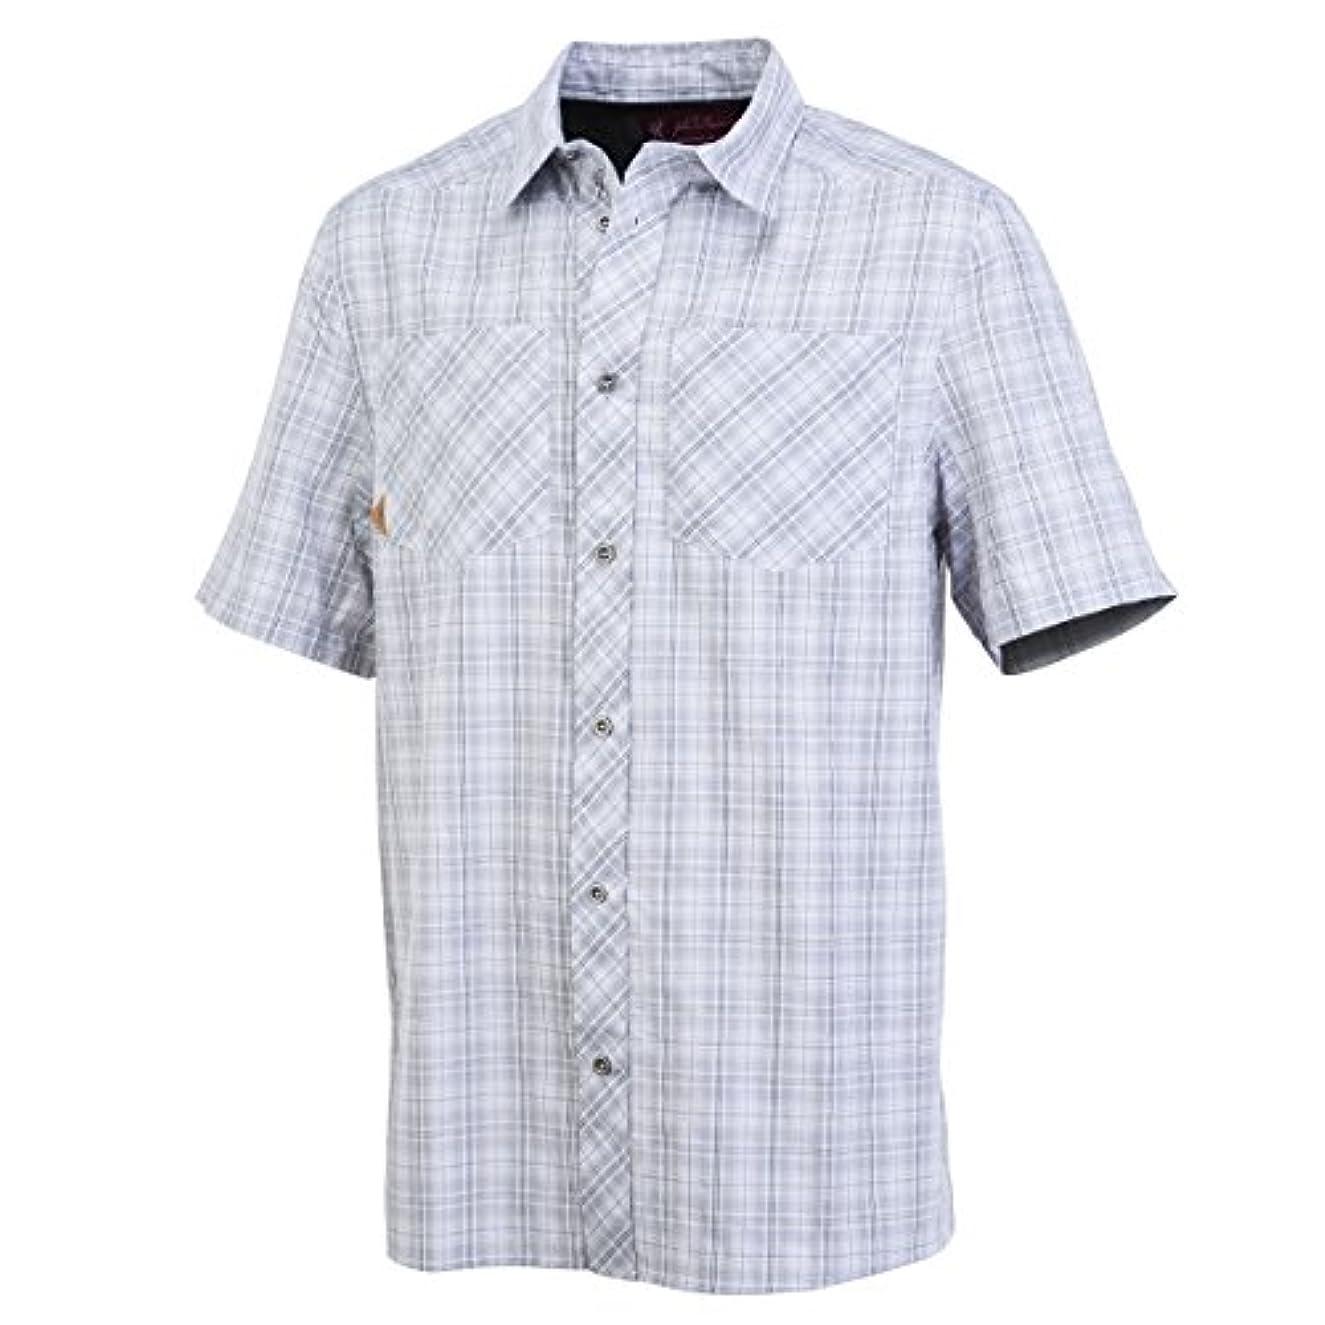 ライドマウンドフェッチBrowning Heritageシャツ、Alden、Castlerock、Large、1のパック